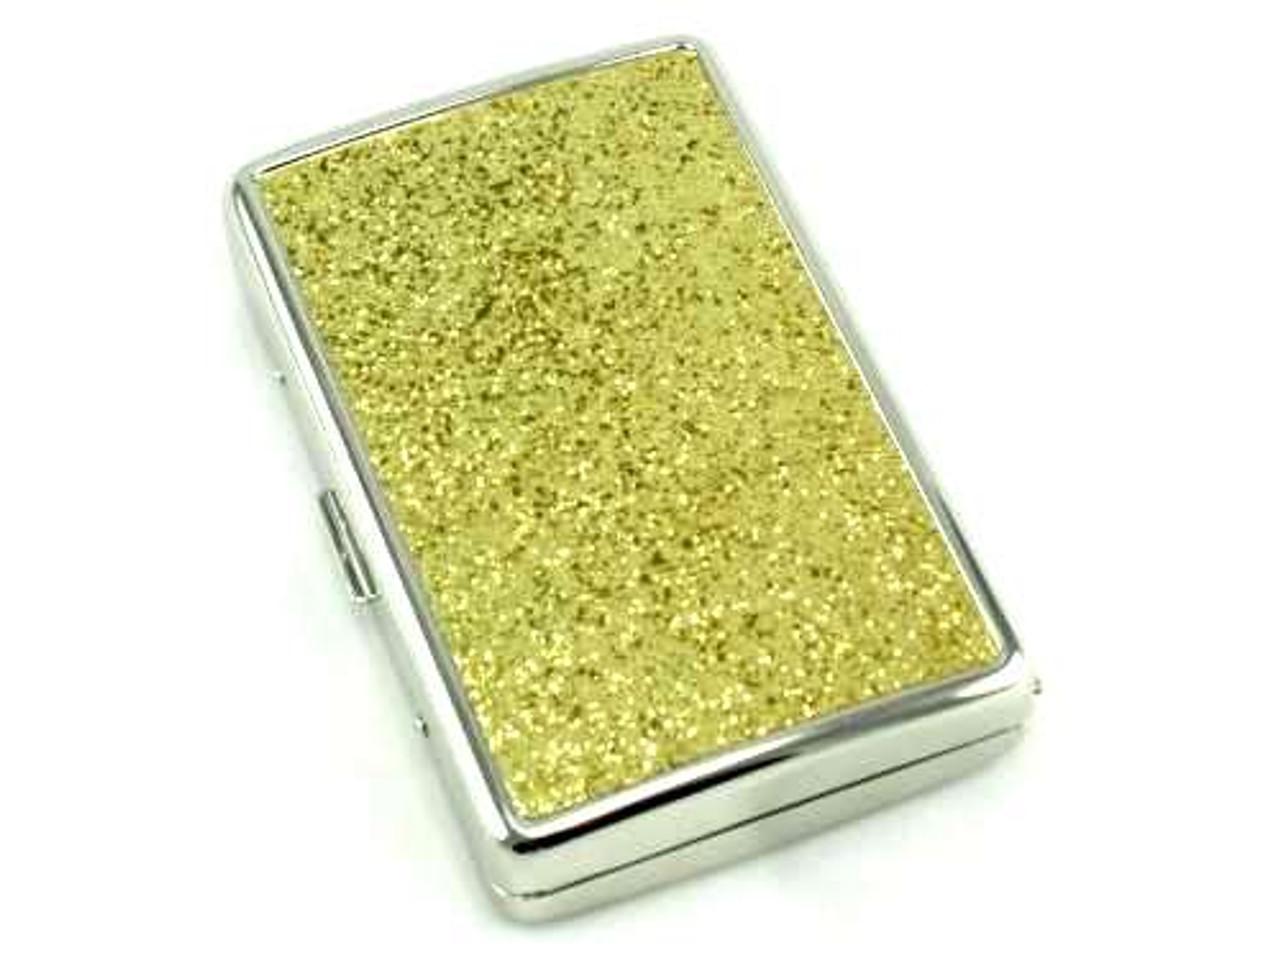 Gold Glimmer Cigarette Case